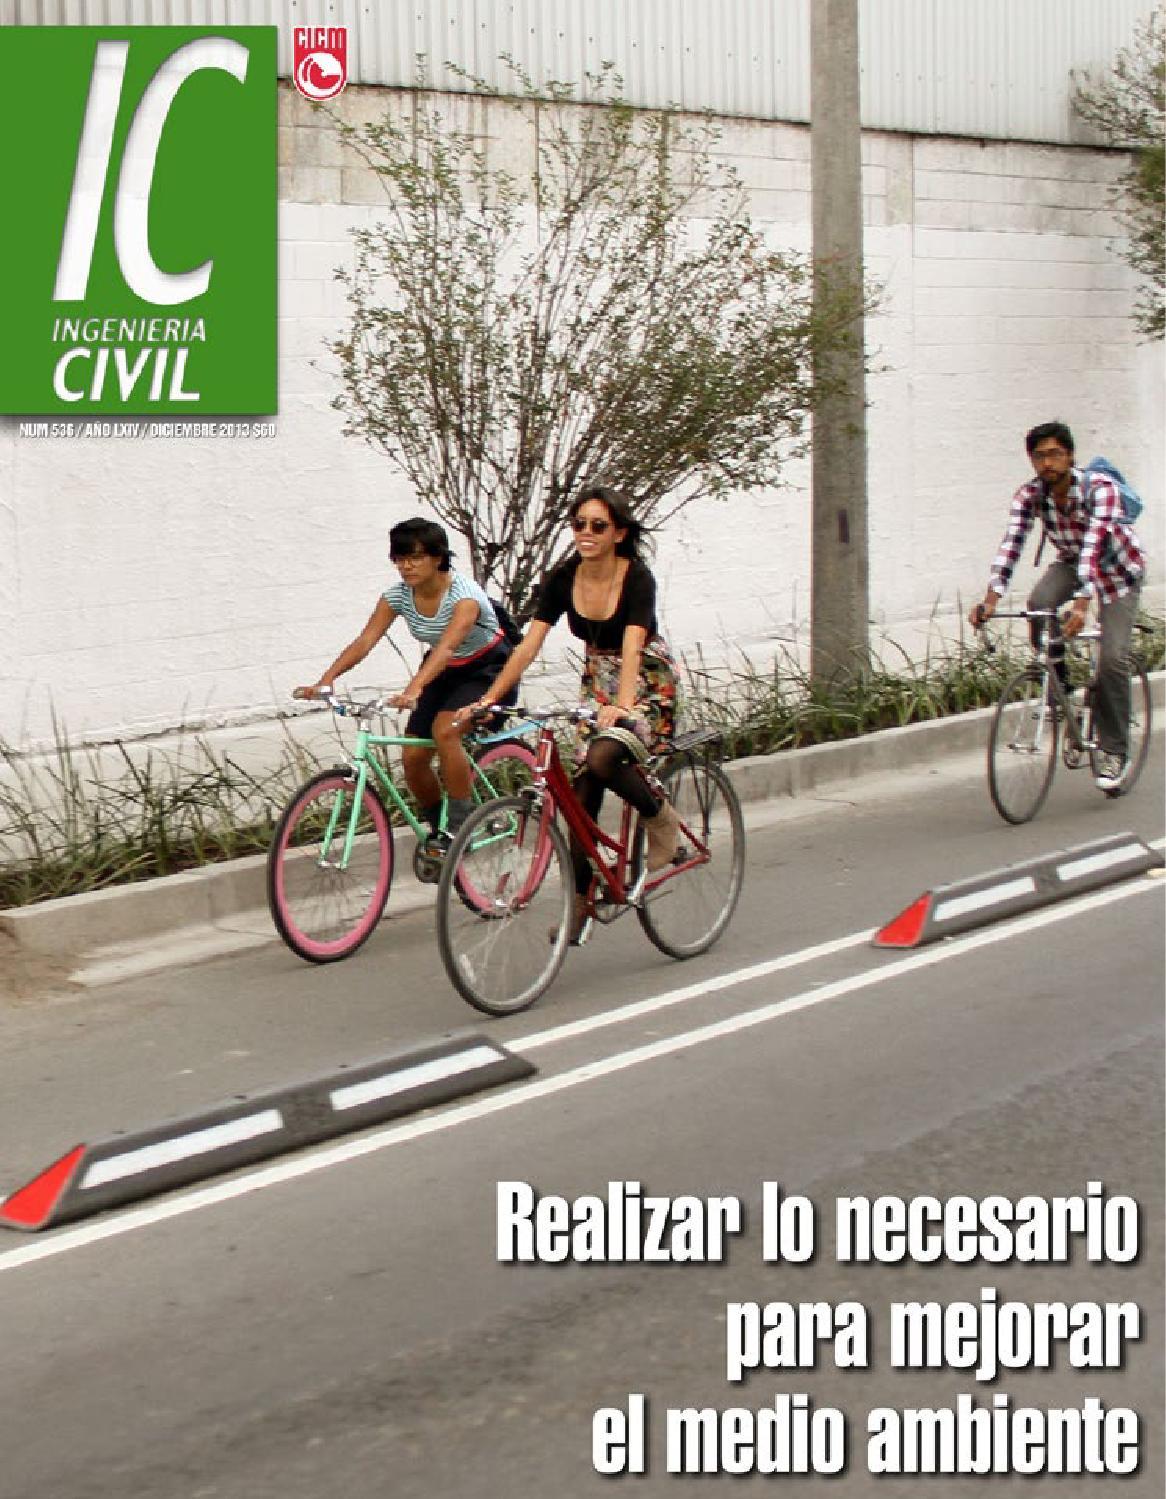 ISSUU - Revista Ingeniería Civil IC 536 diciembre 2013 by Helios ...